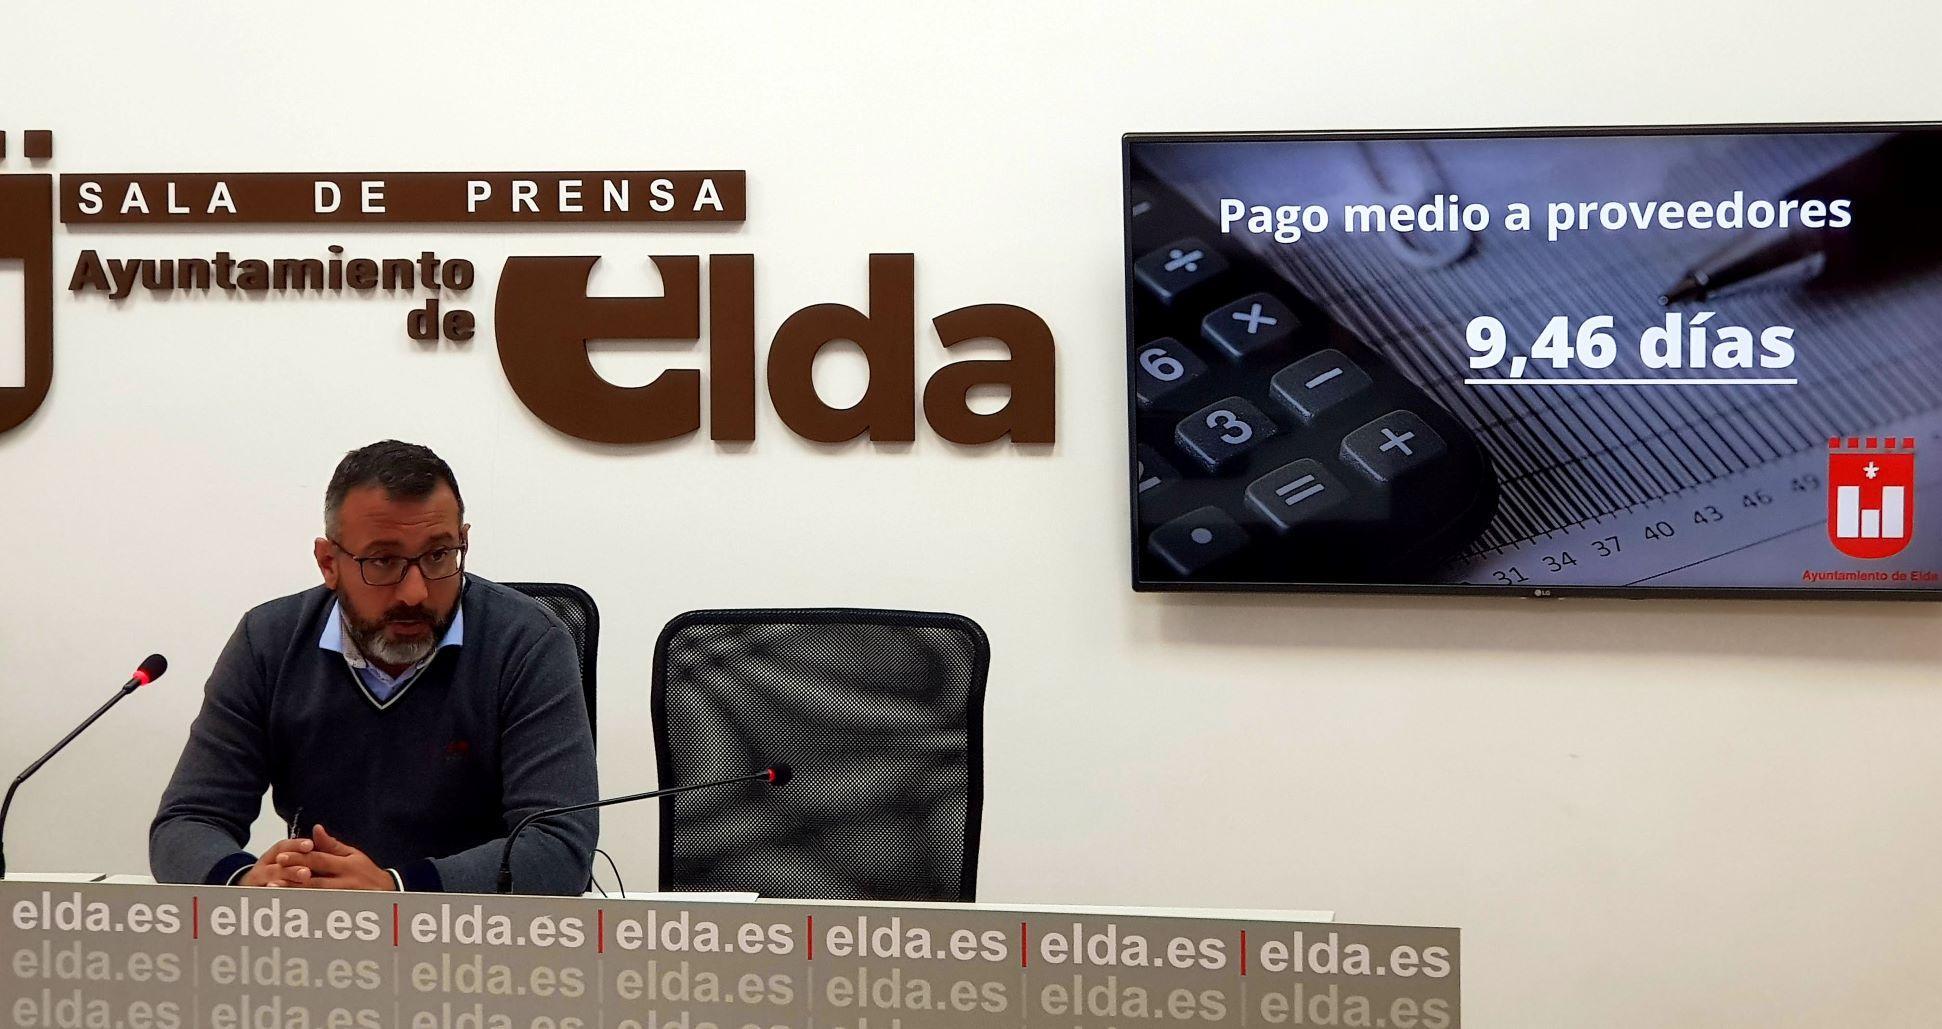 El Ayuntamiento de Elda sitúa en 9,46 días el Plazo Medio de Pago a proveedores